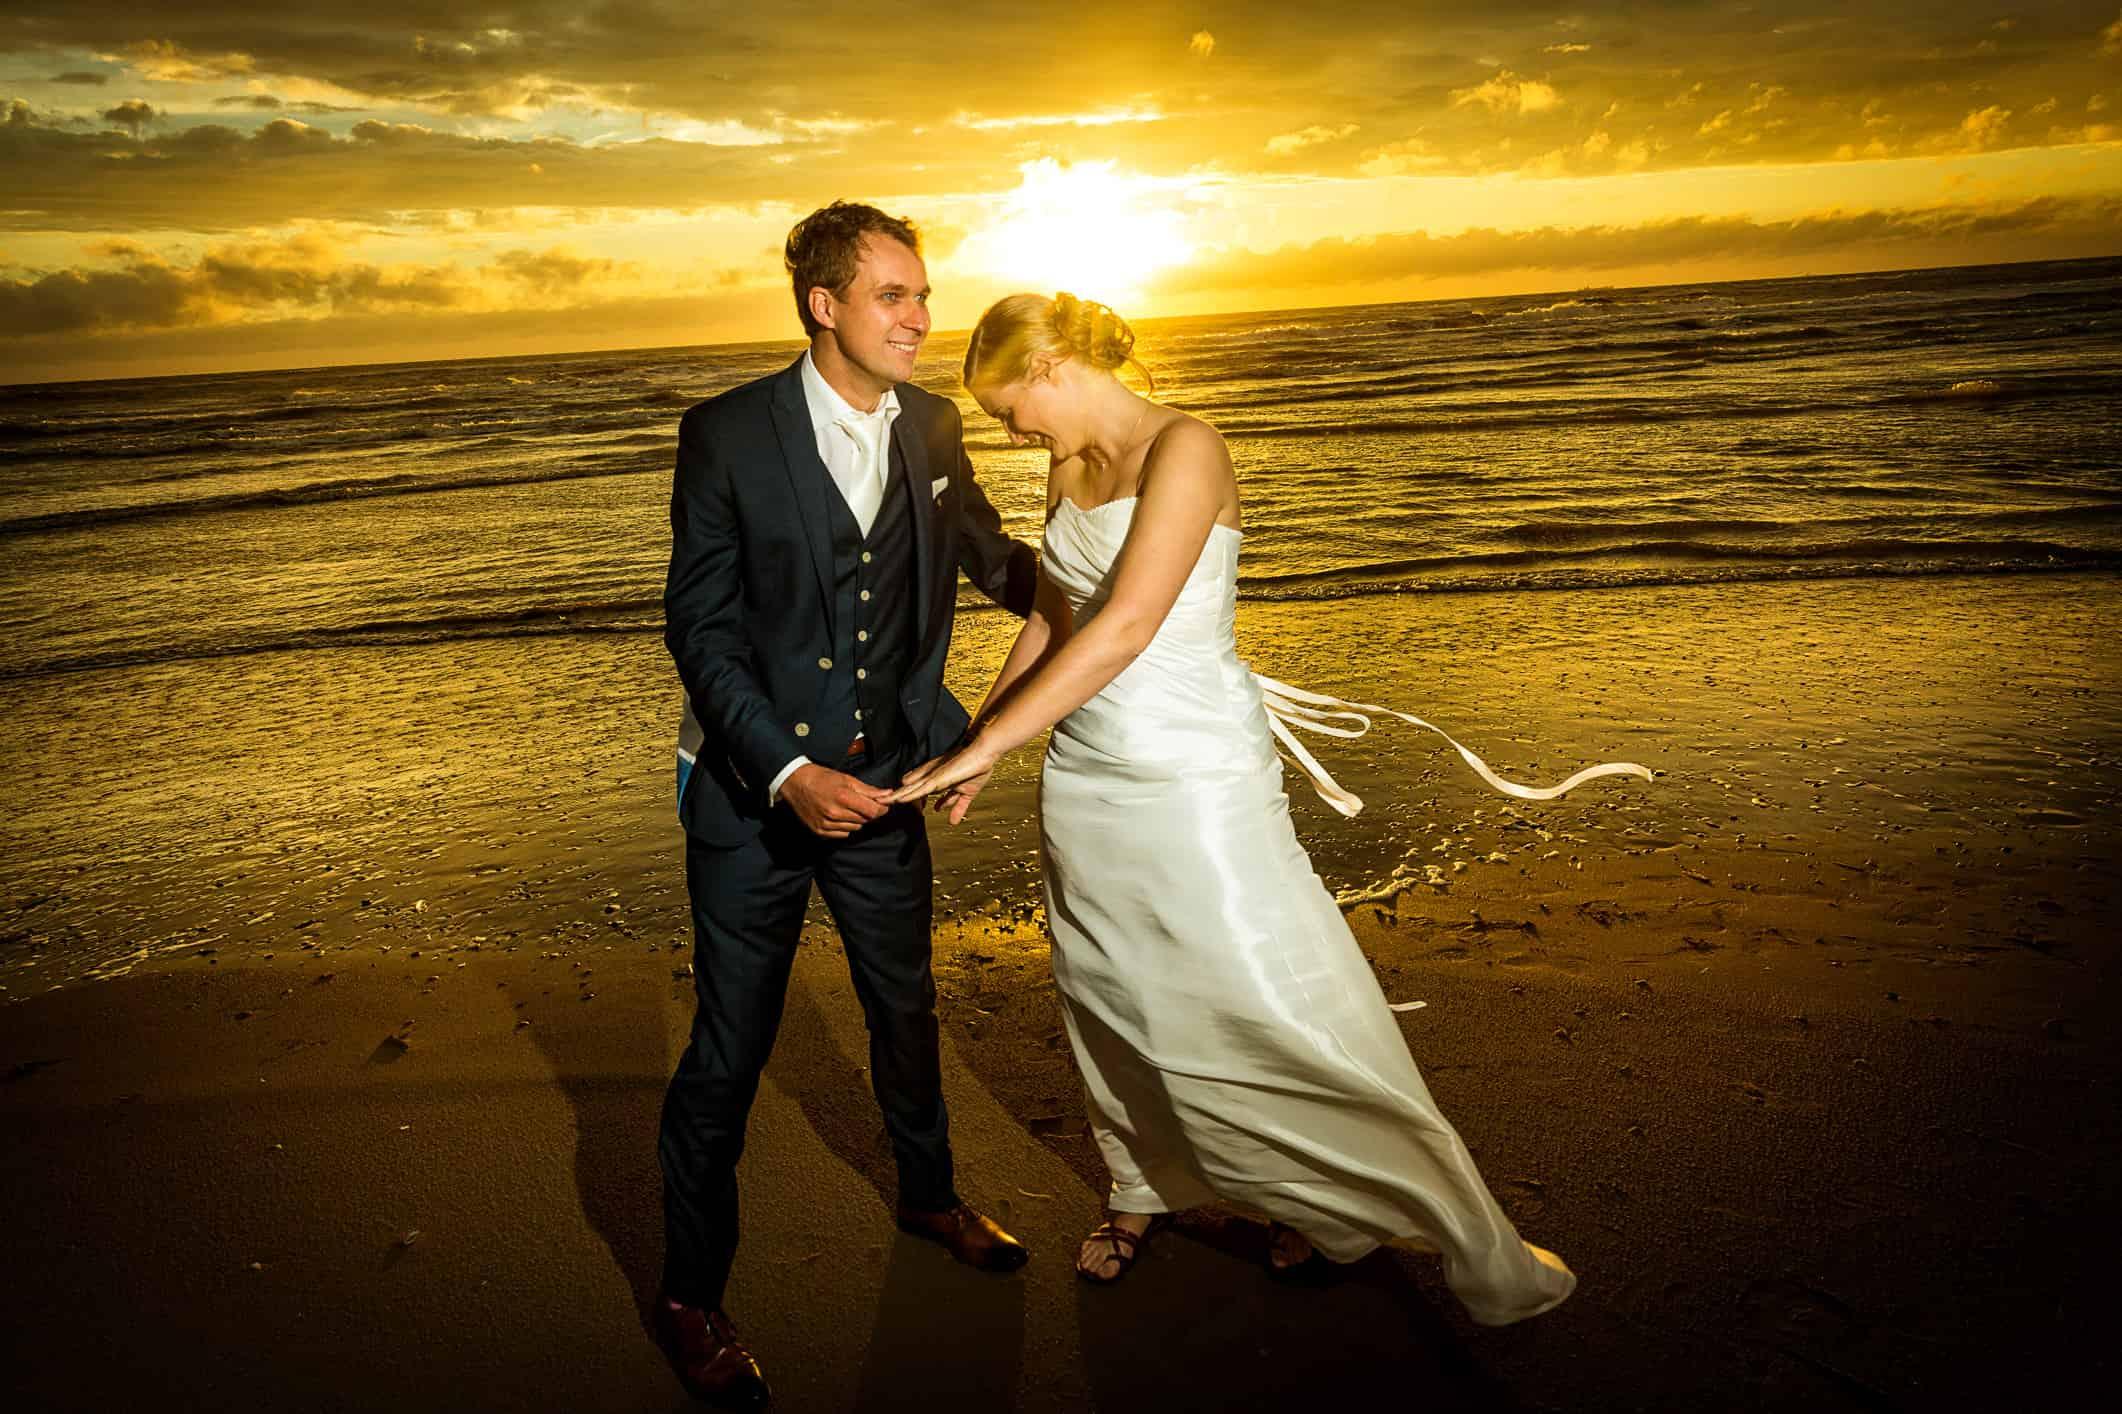 fotografie magisch uur bruiloft